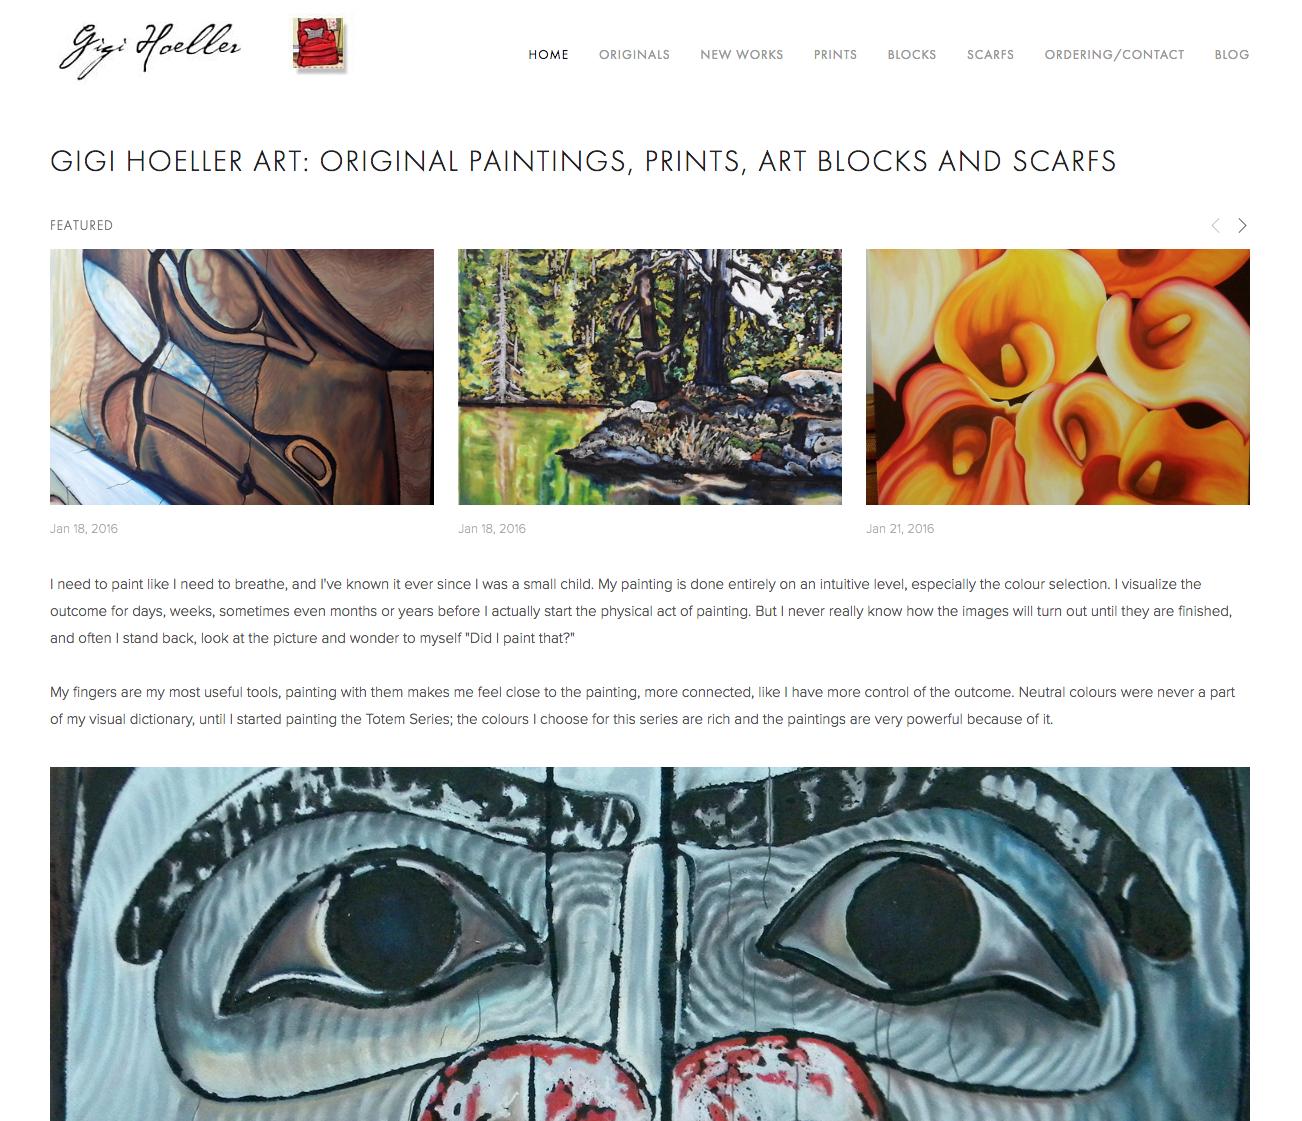 Gigi Butterfly/Hoeller web site